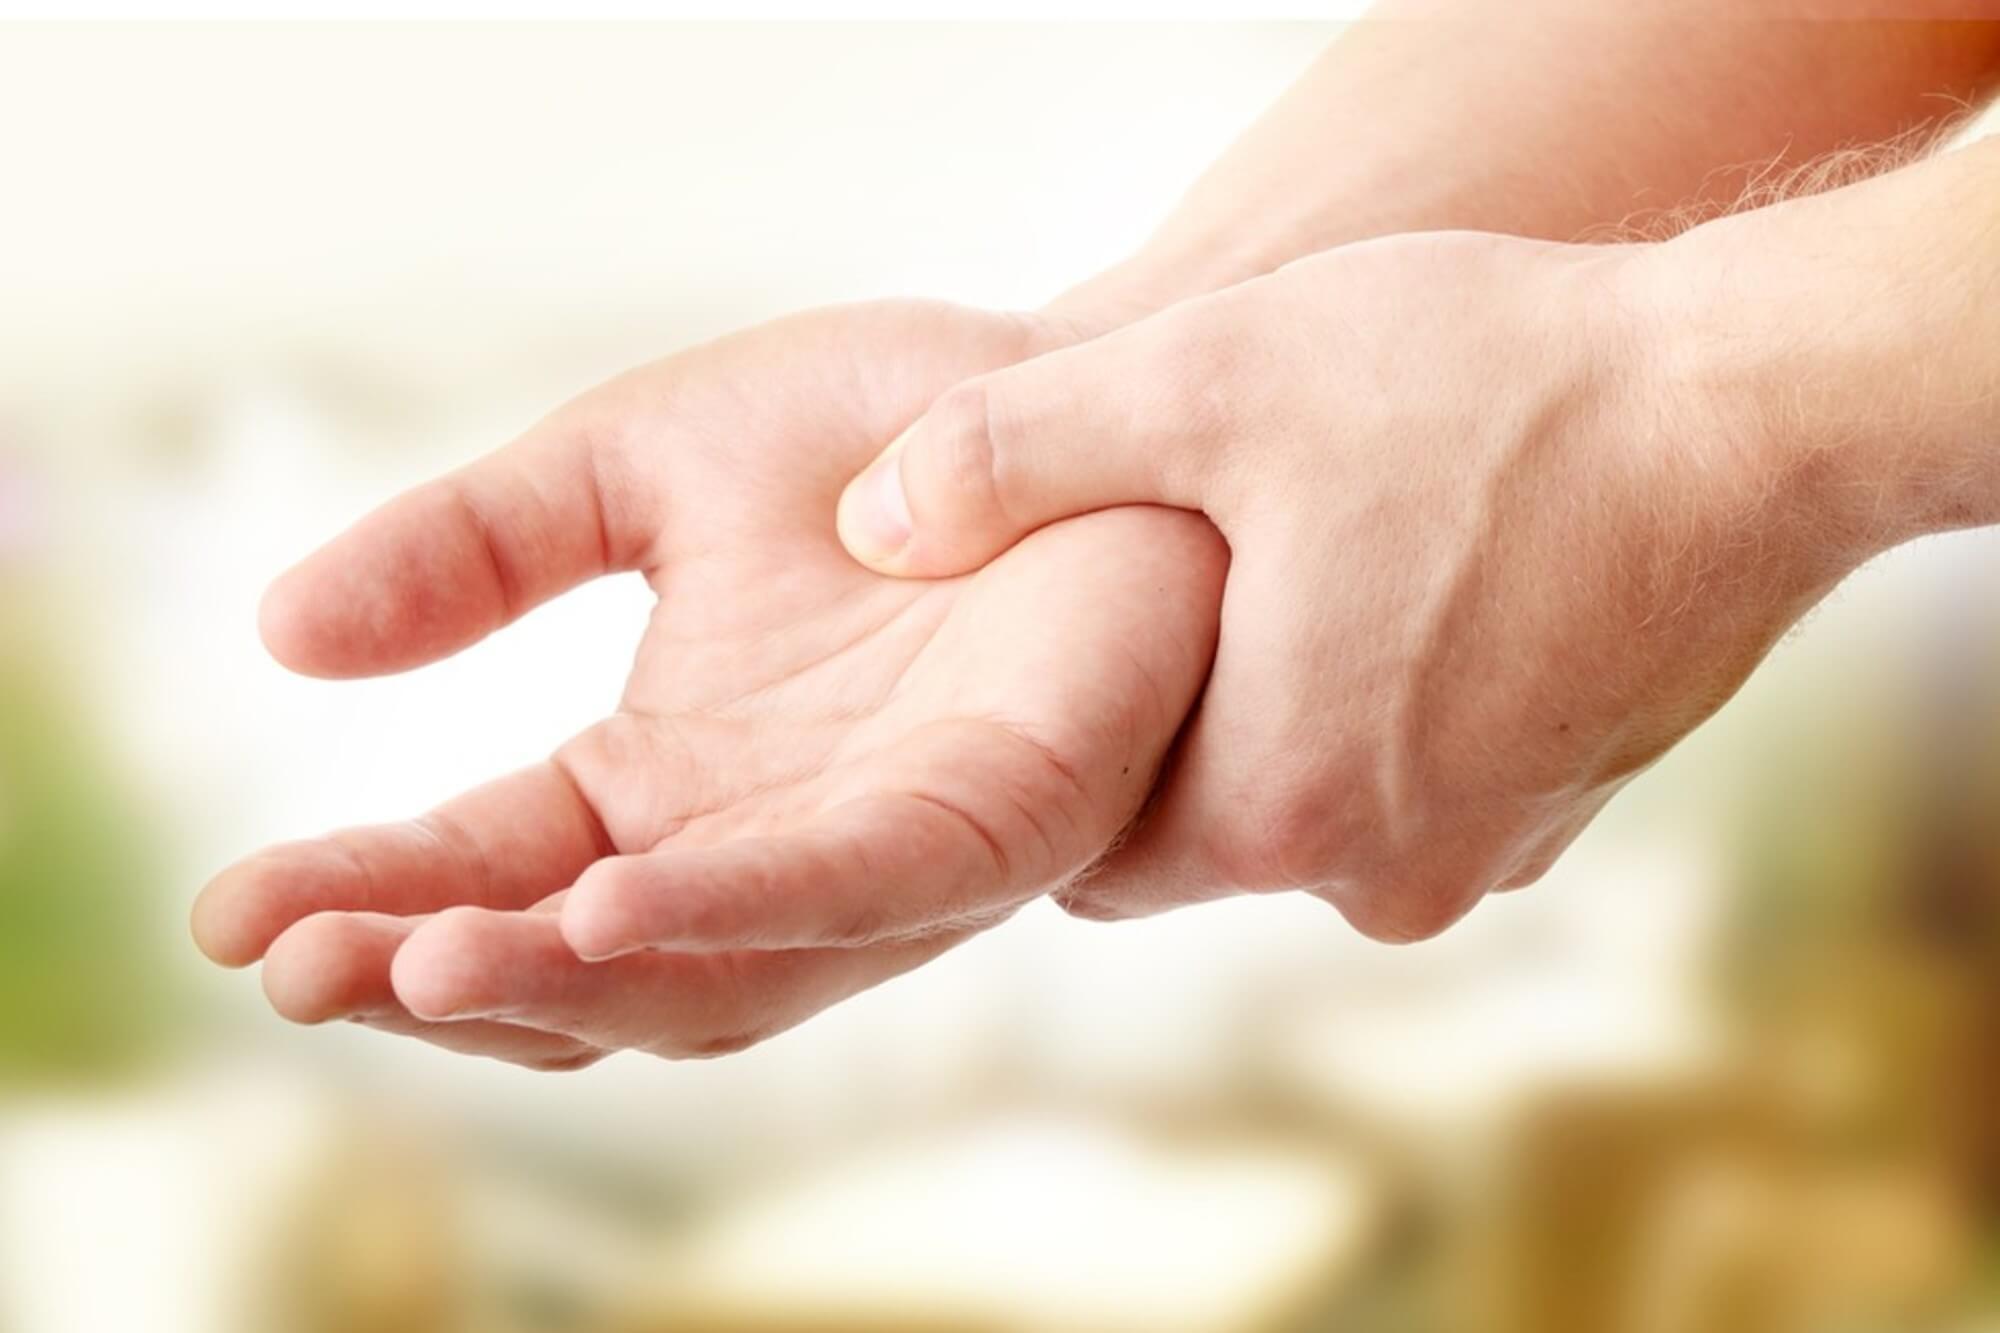 fáj a kéz hüvelykujja milyen kalciumot kell bevenni az ízületi fájdalmakhoz